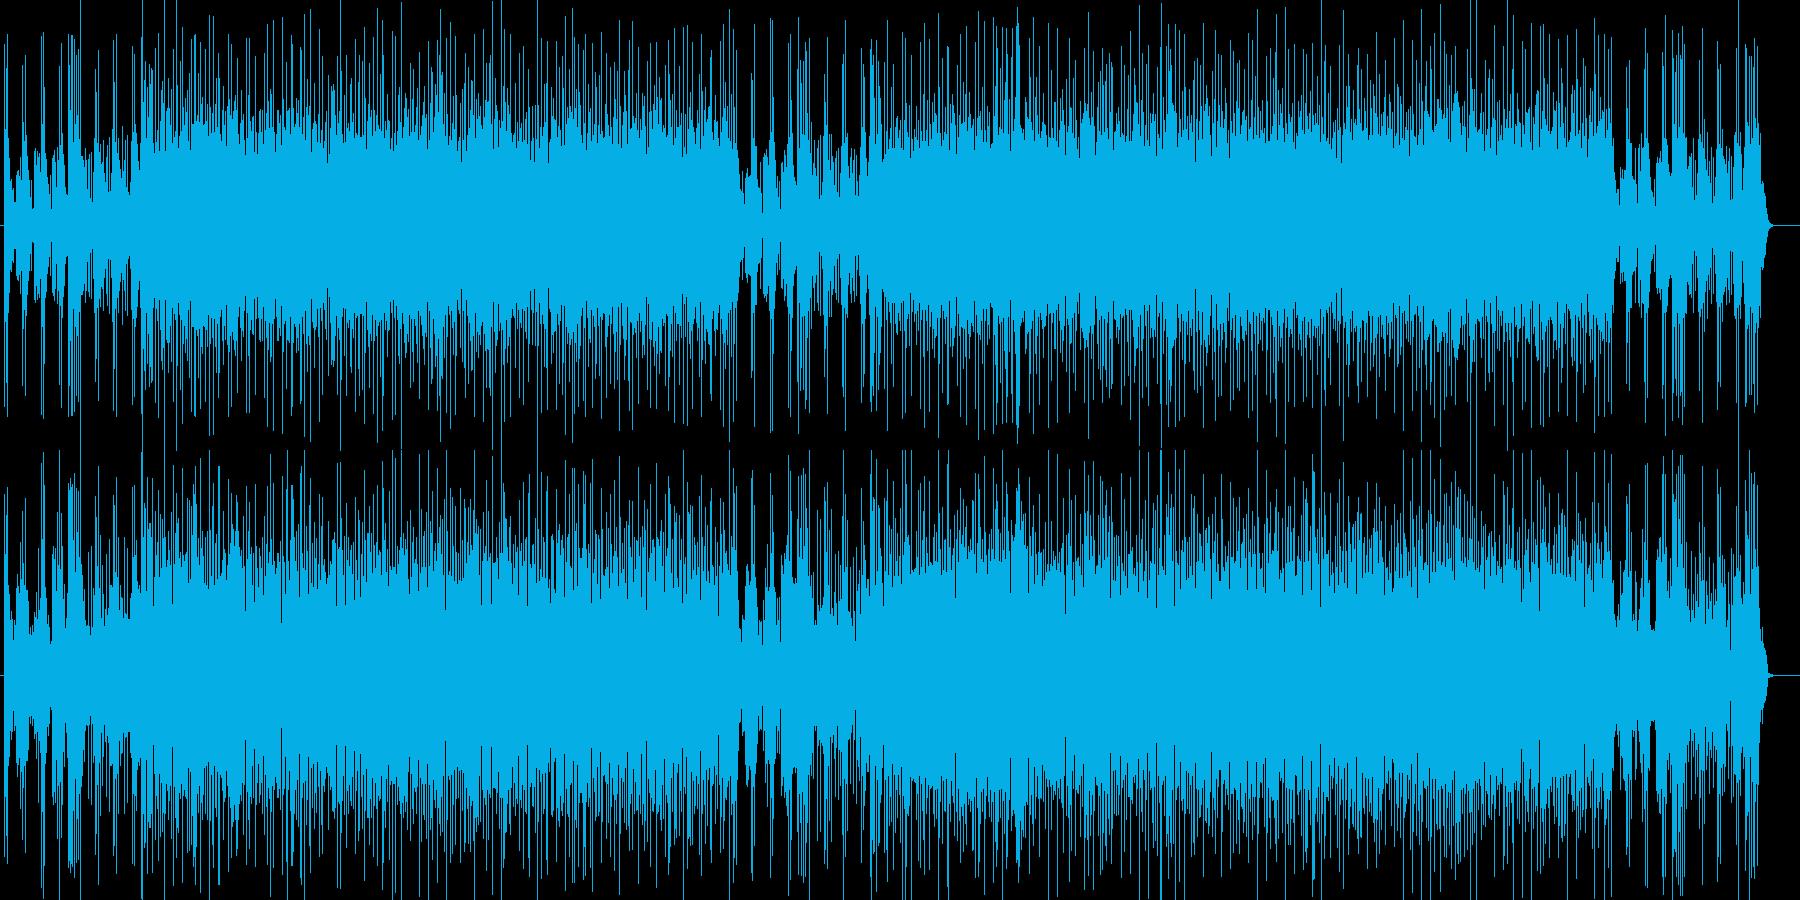 渋谷系アシッドジャズ オルガンファンクの再生済みの波形